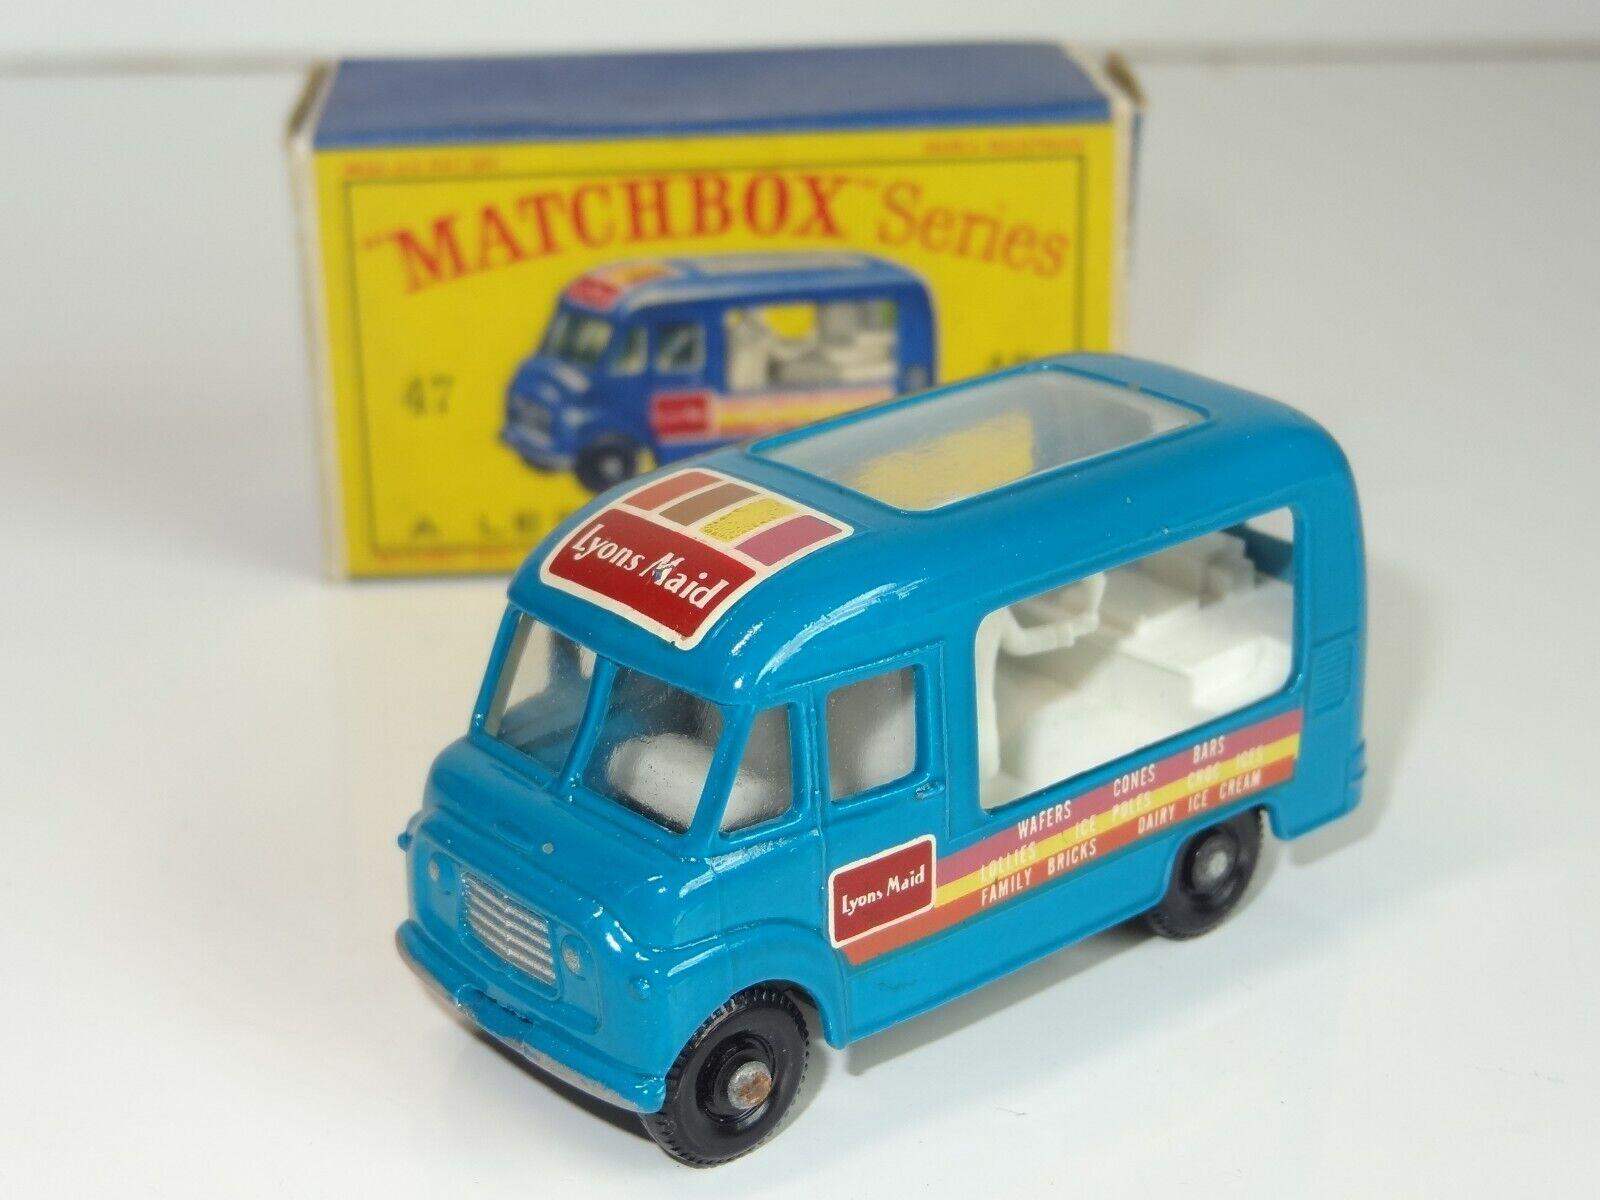 Matchbox Lesney Lyons Maid helado tienda móvil - 47 (210)